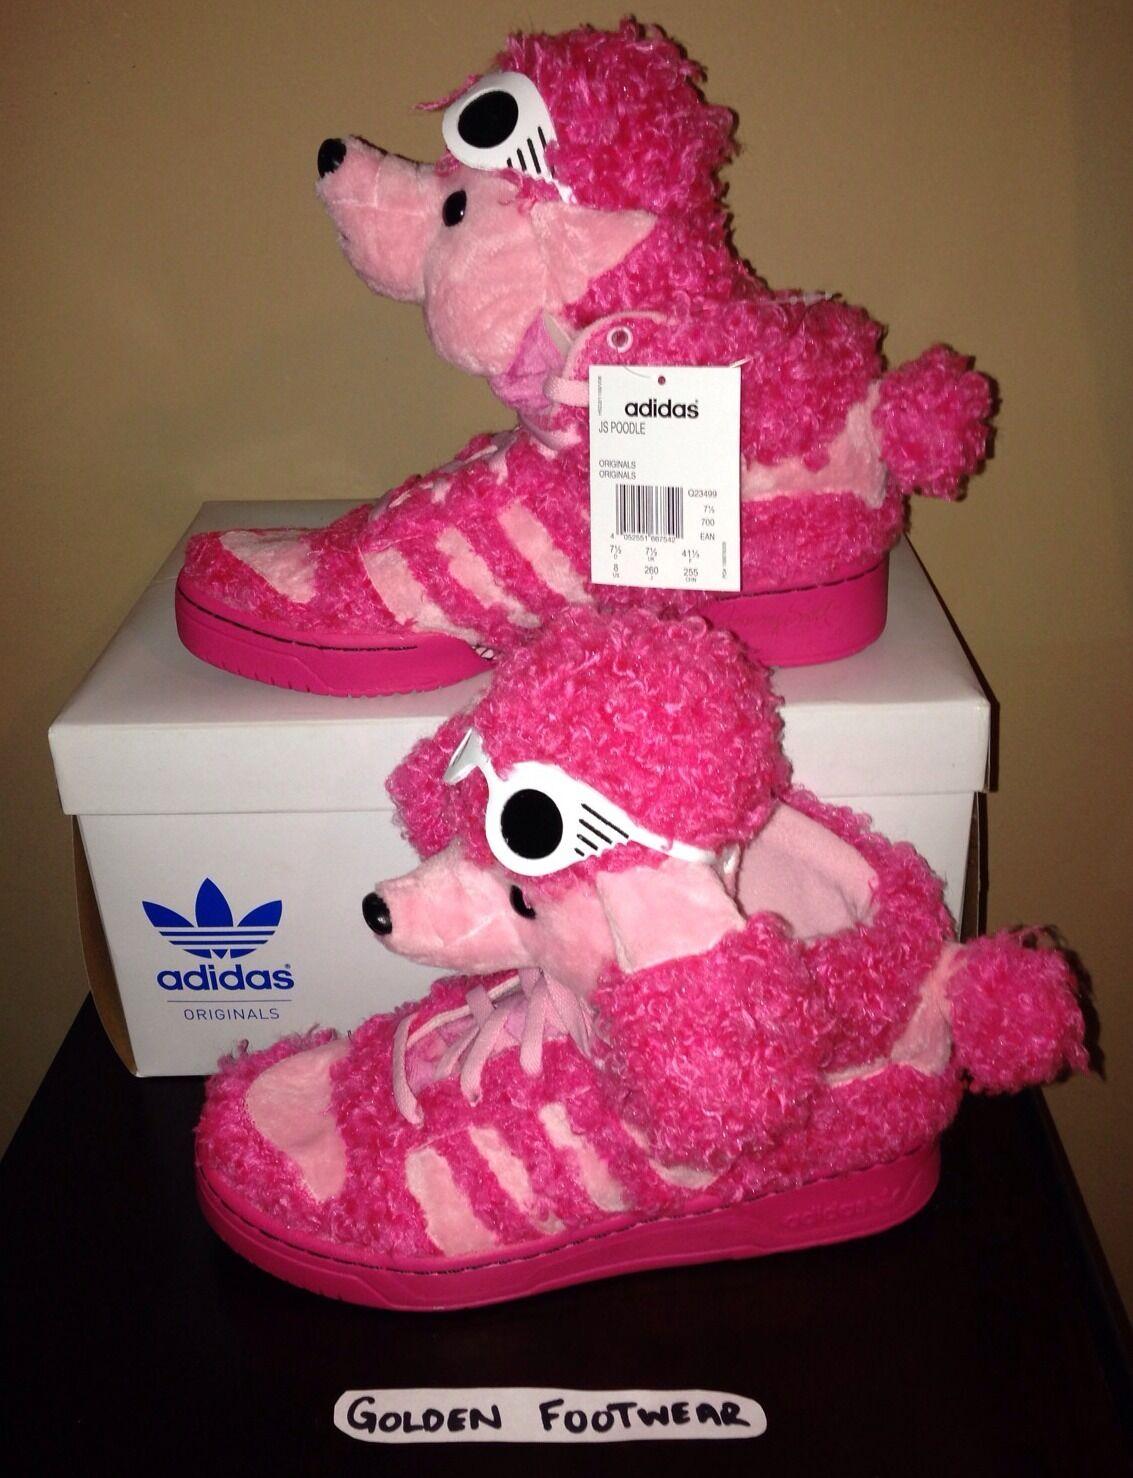 2013 adidas obyo x jeremy scott barboncino originali originali barboncino stivali js delle ali rosa a60935